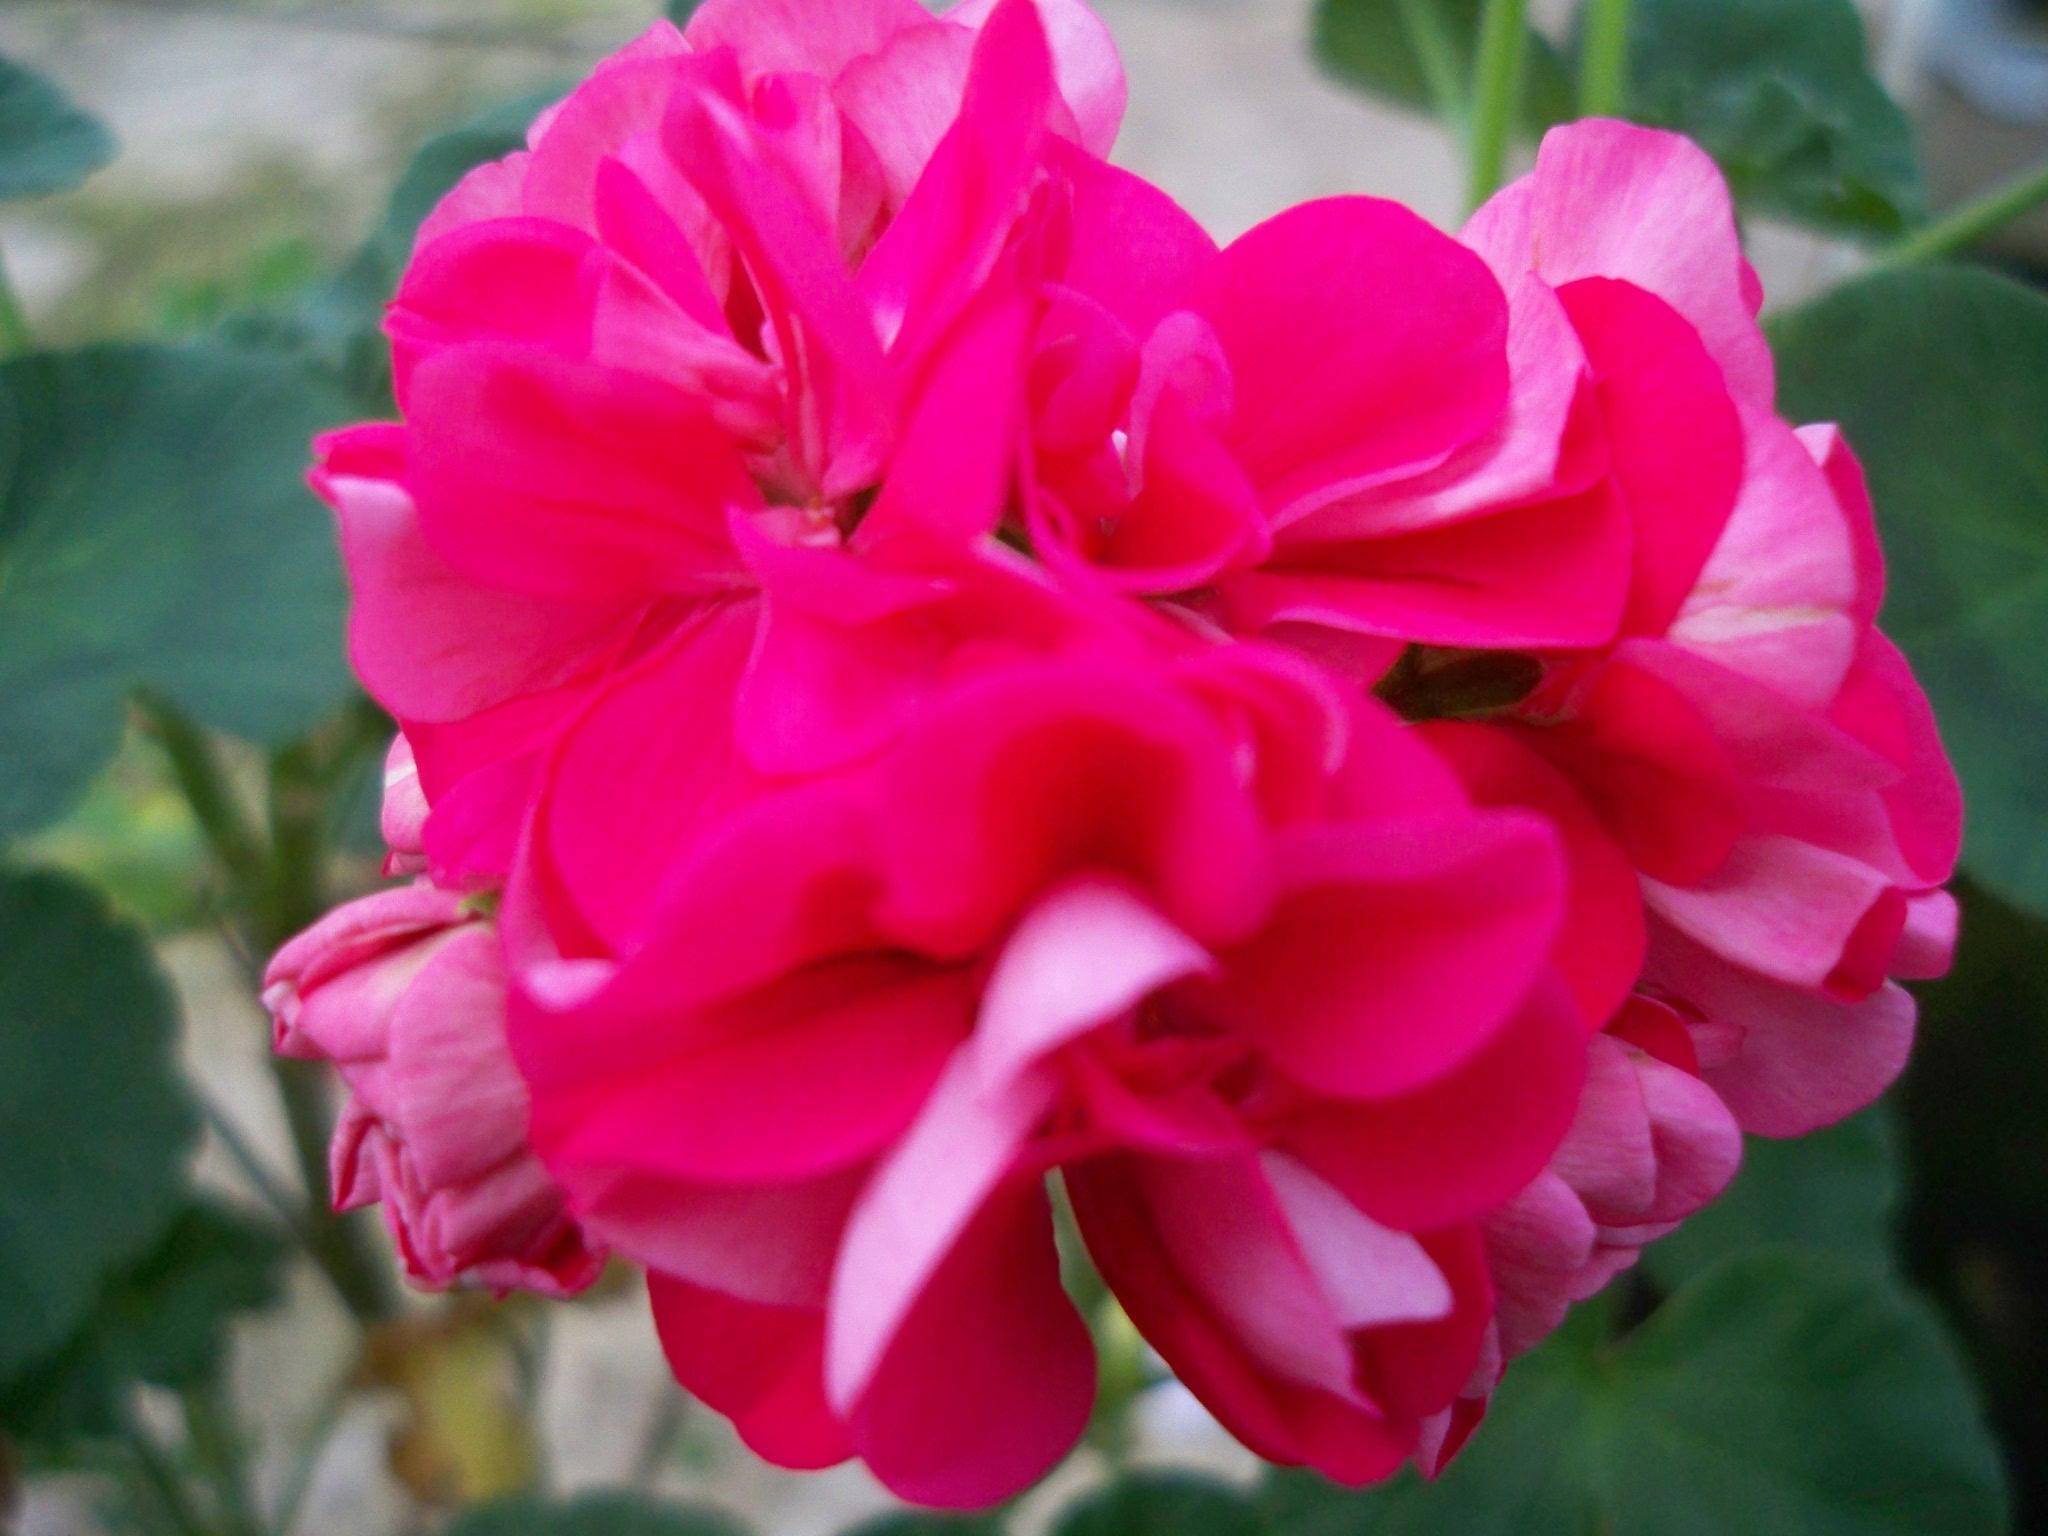 angelique blomster åbningstider